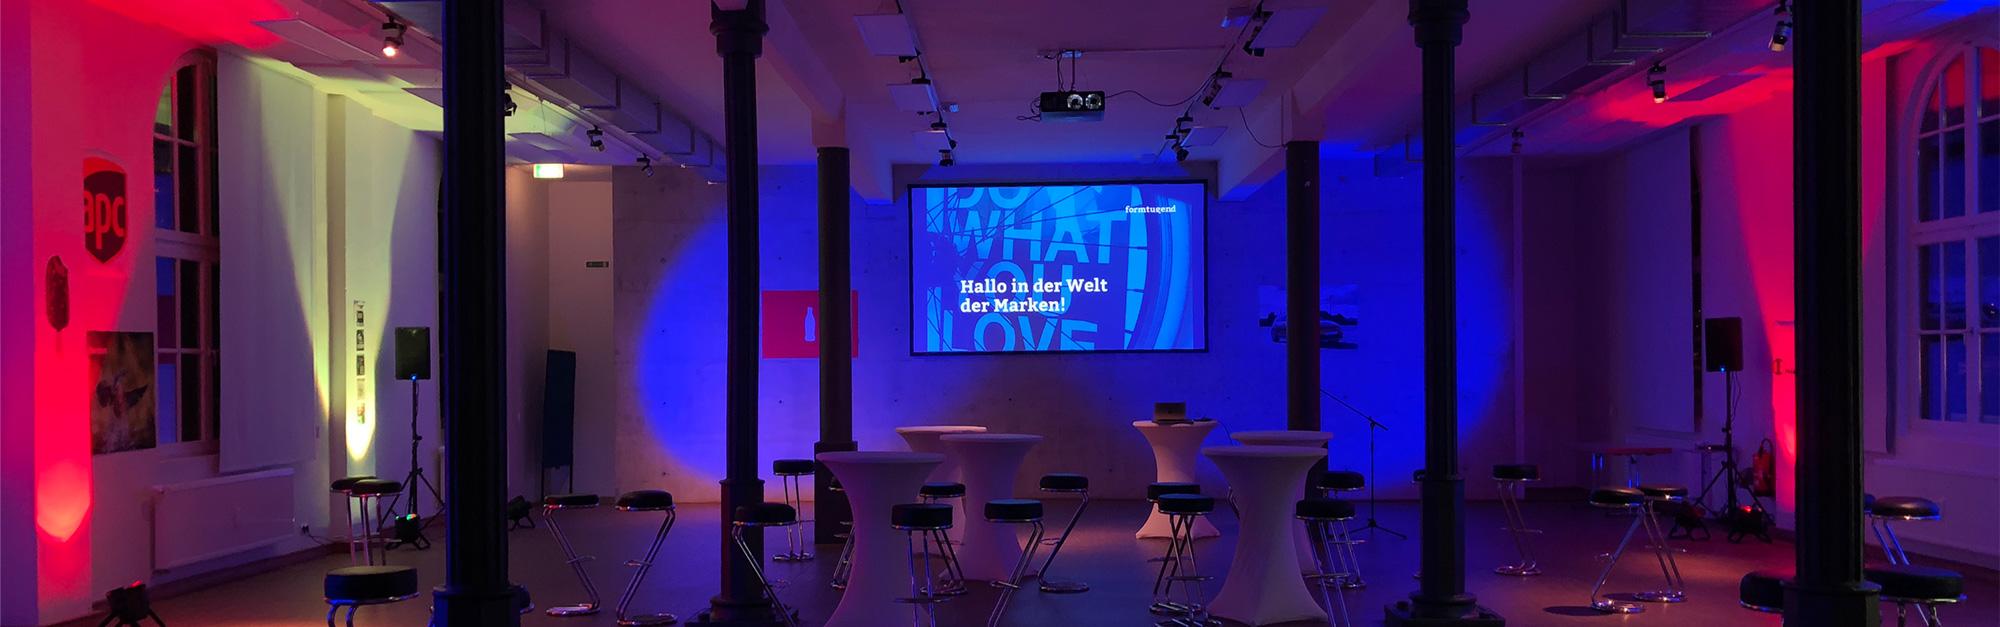 Workshop im Kulturbahnhof Kassel